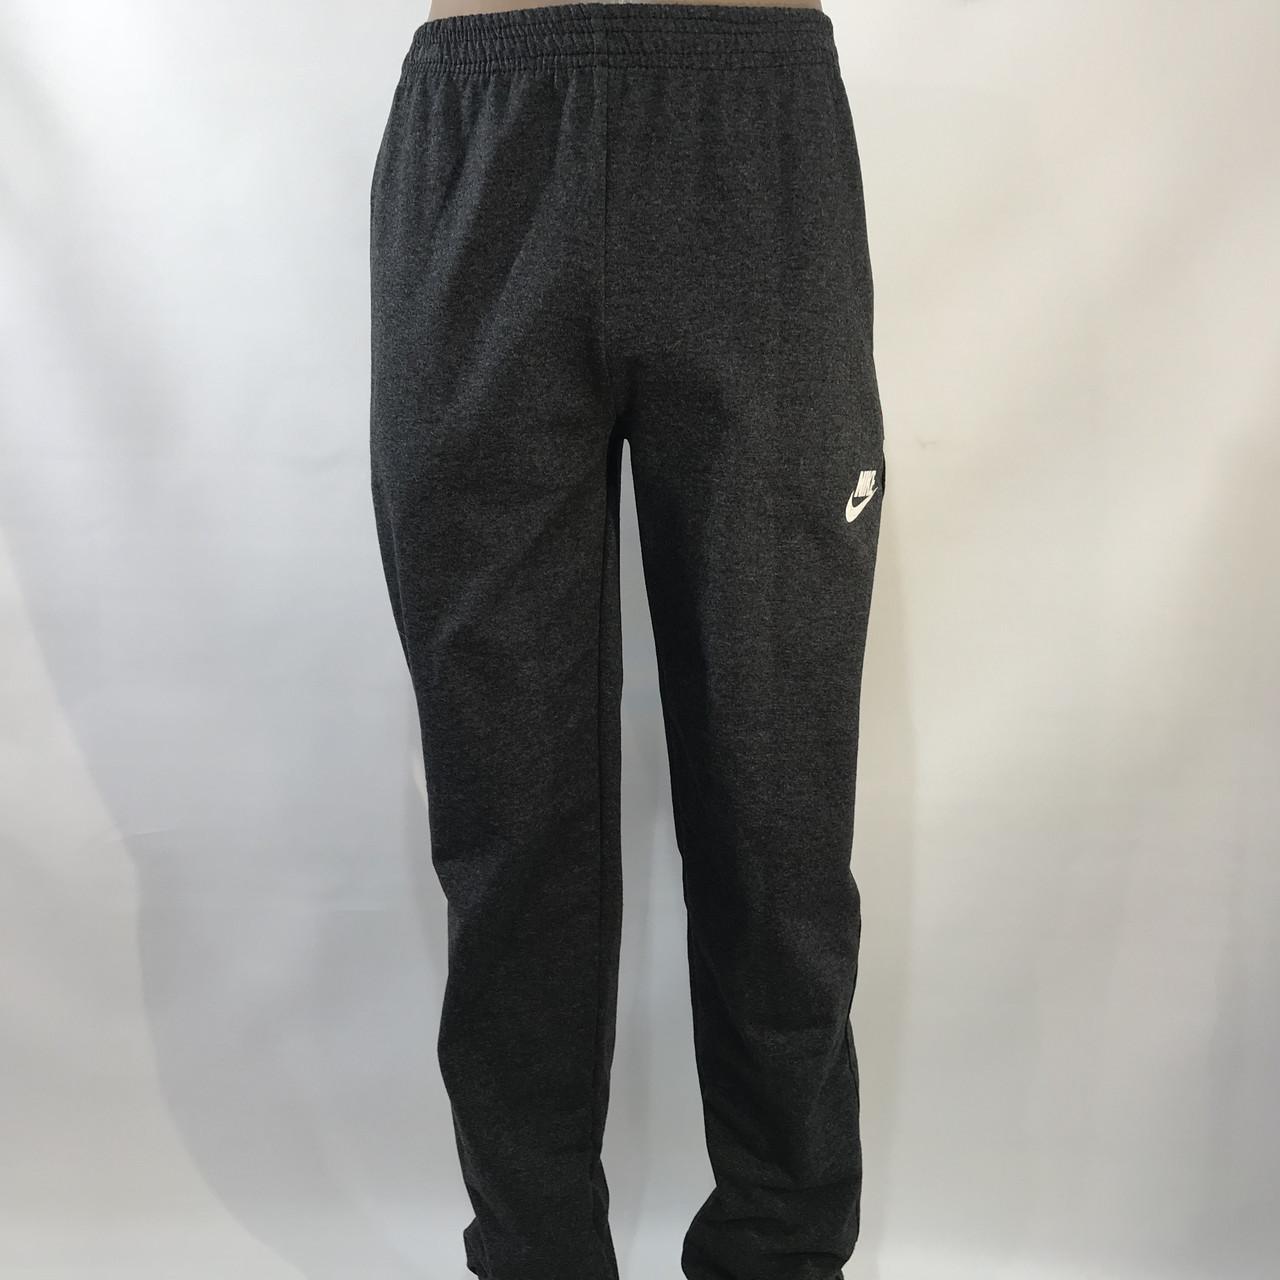 Спортивные штаны Nike под манжет / трикотажные / серые 46-54 р.